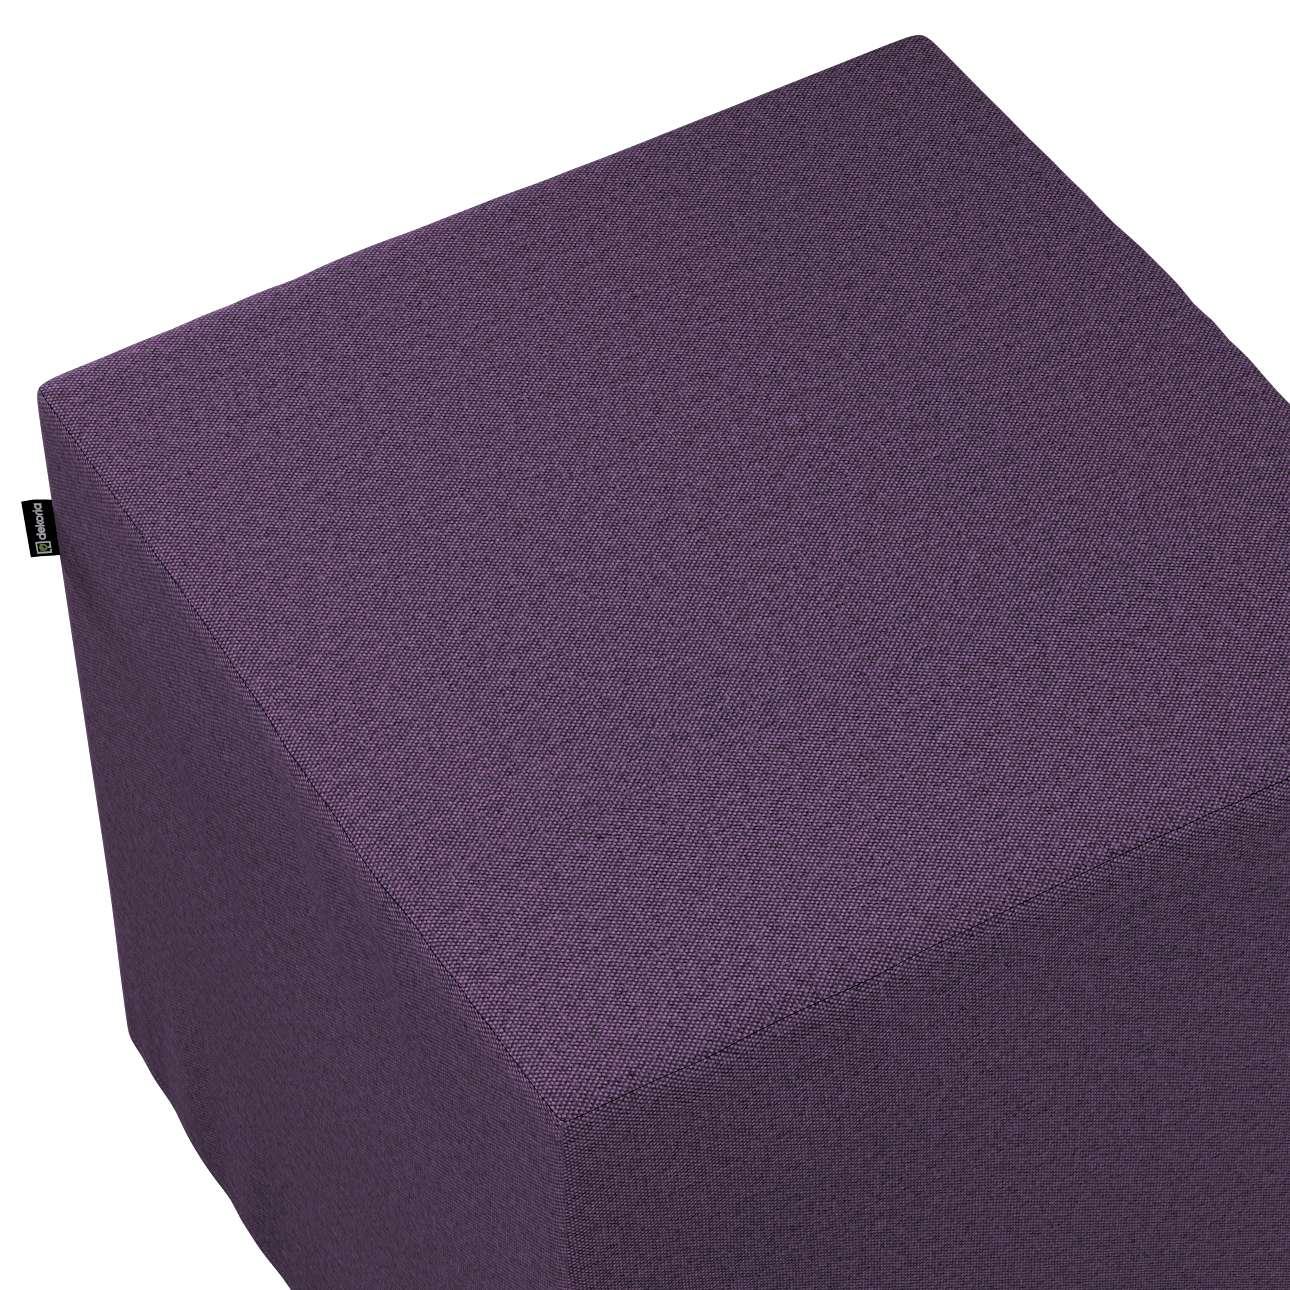 Sitzwürfel von der Kollektion Etna, Stoff: 161-27